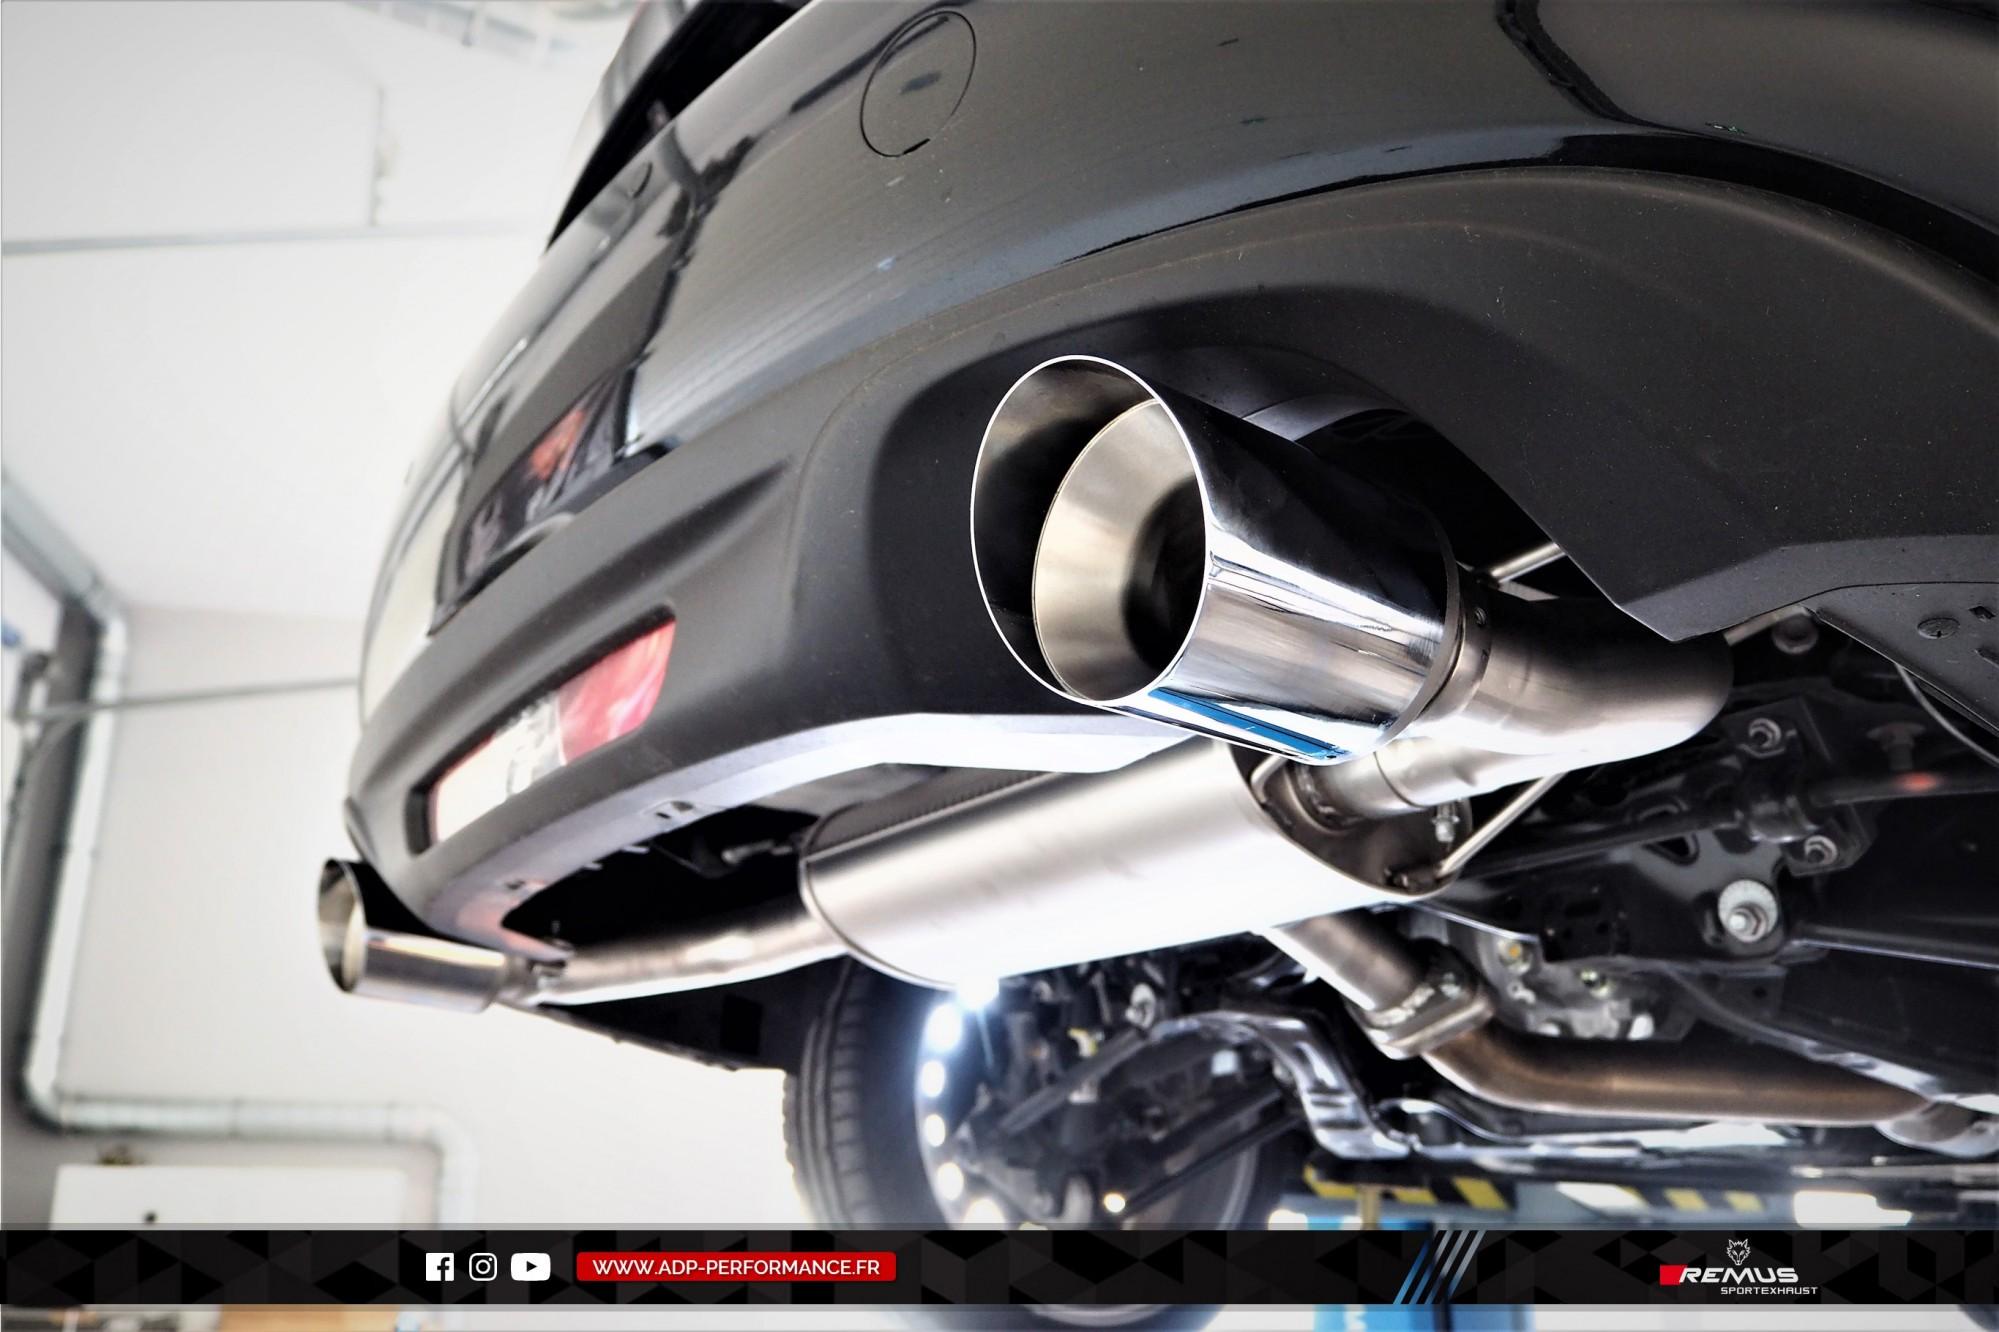 Ligne d'échappement (silencieux) Remus Marignane - Fiat 124 Spider - ADP Performance